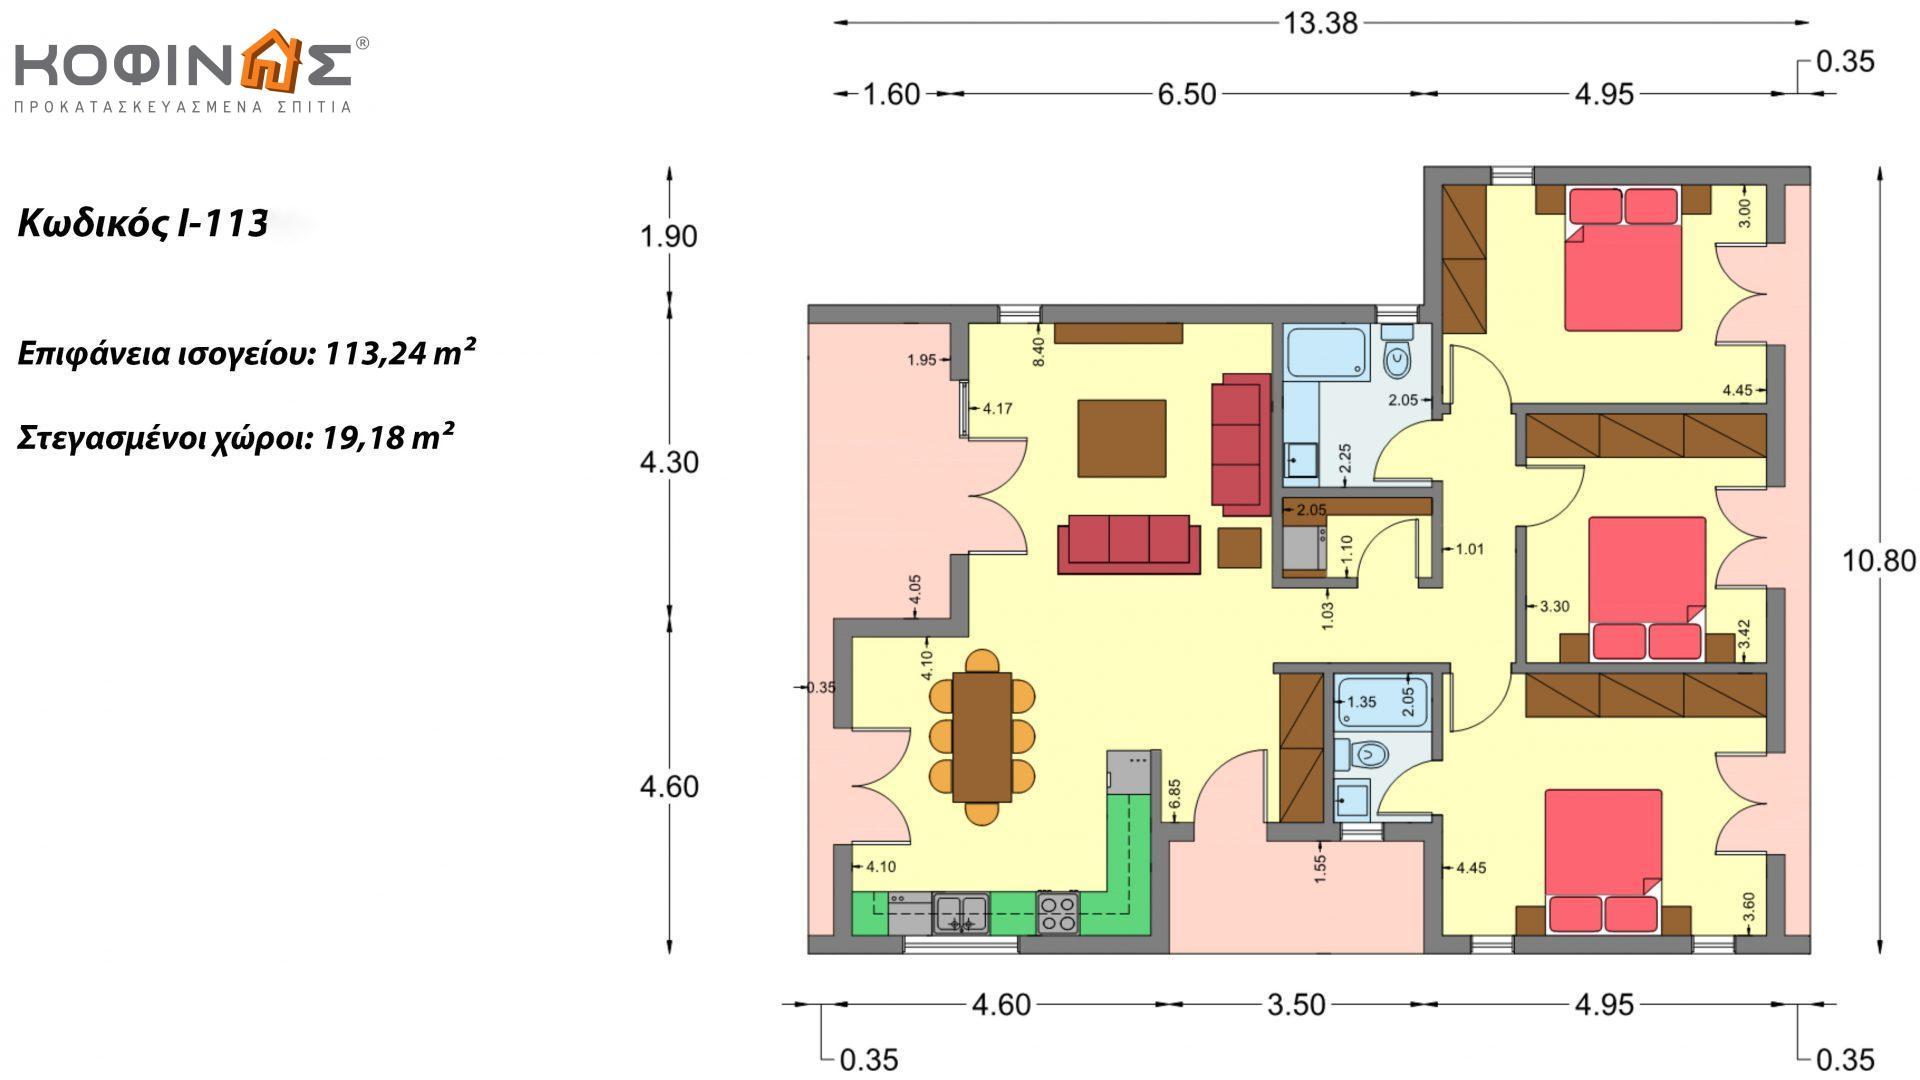 Ισόγεια Κατοικία I-113 συνολικής επιφάνειας 113,24 τ.μ., στεγασμένοι χώροι 19,18 τ.μ.